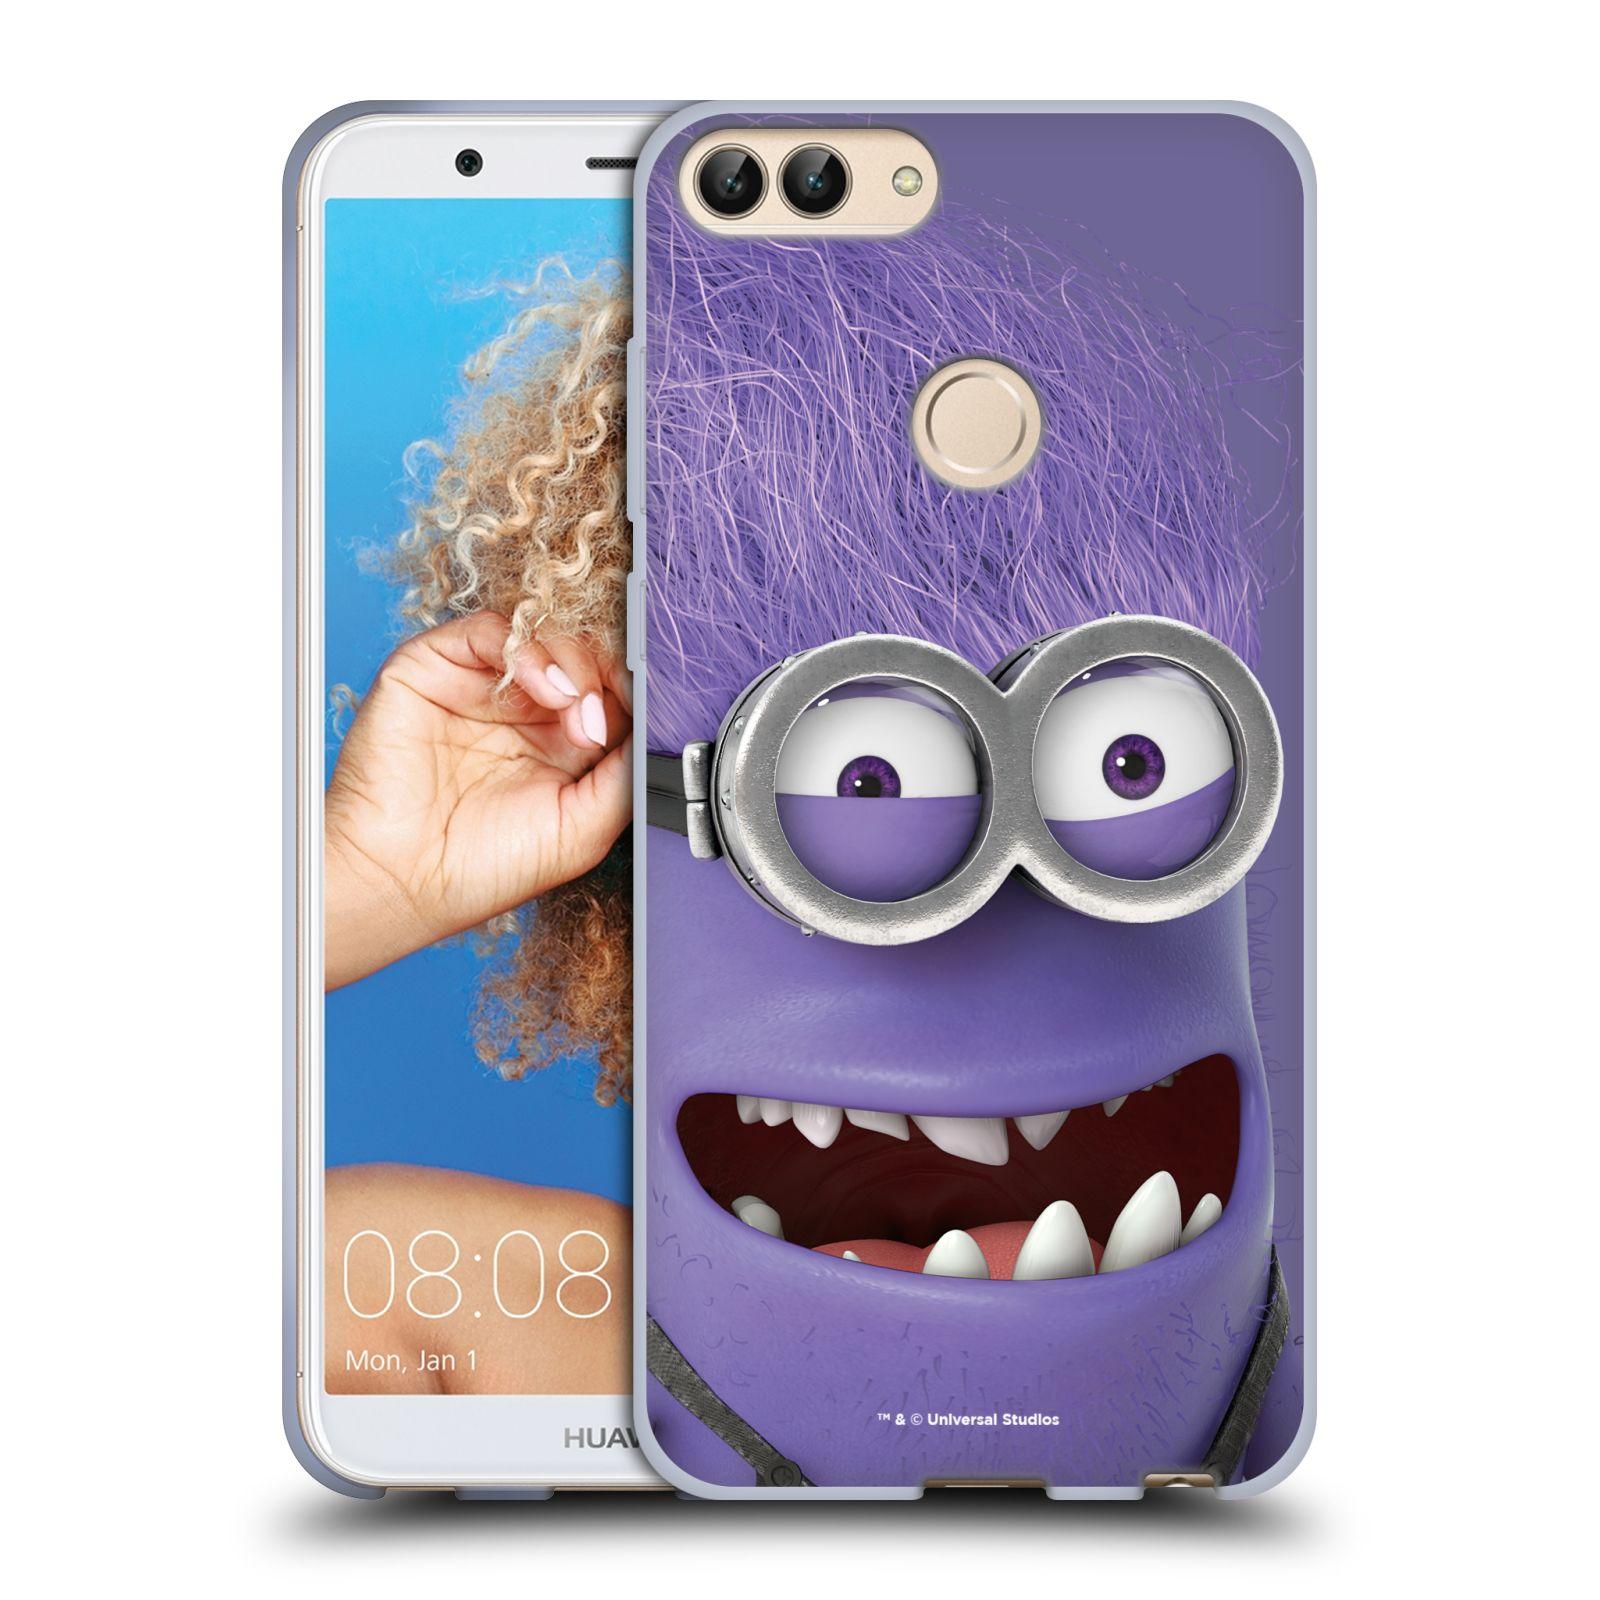 Silikonové pouzdro na mobil Huawei P Smart - Head Case - Zlý Mimoň z filmu Já, padouch - Despicable Me